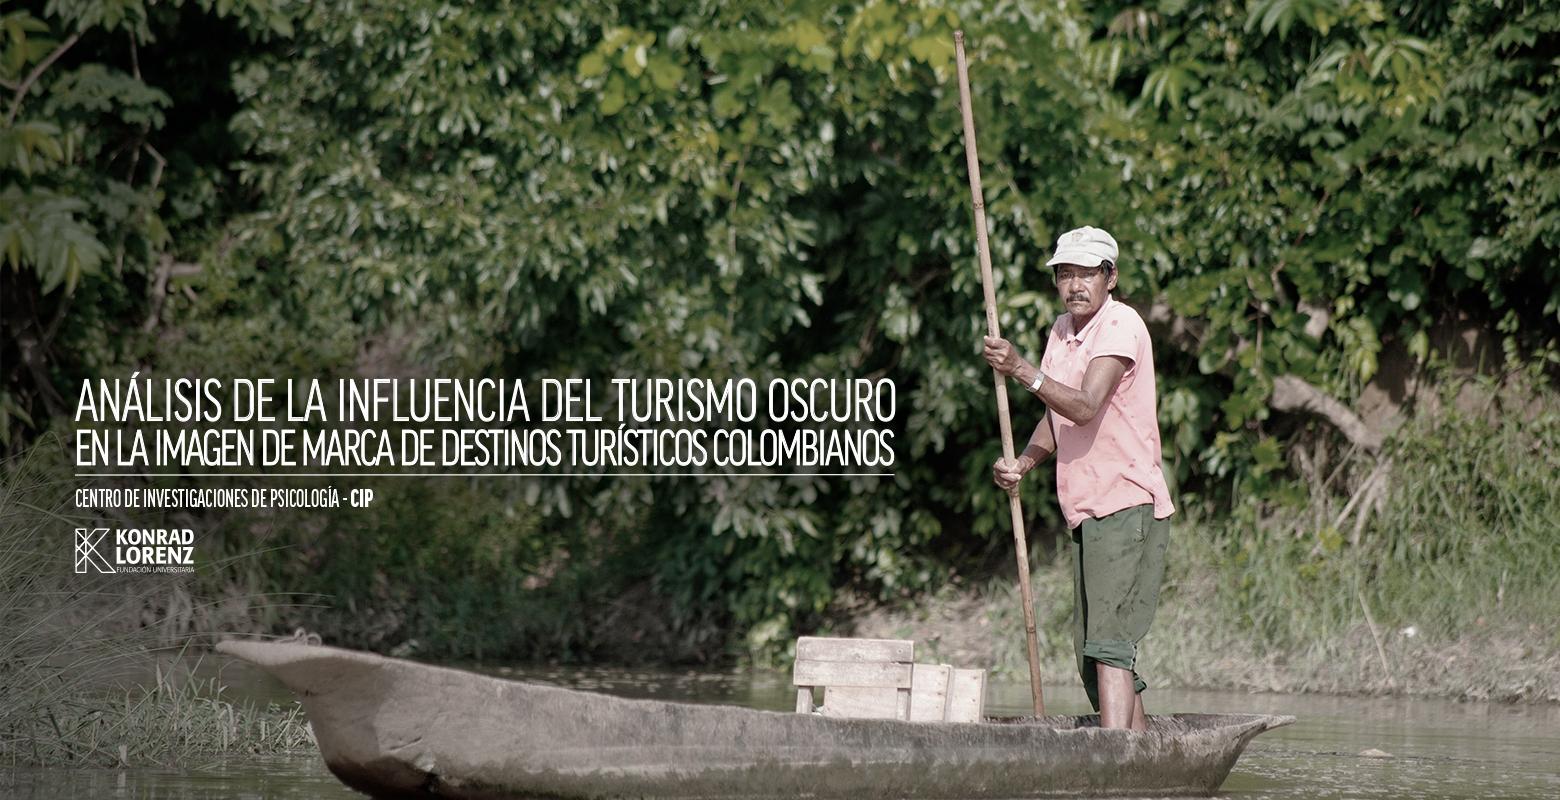 Análisis de la influencia del turismo oscuro en la imagen de marca de destinos turísticos colombianos